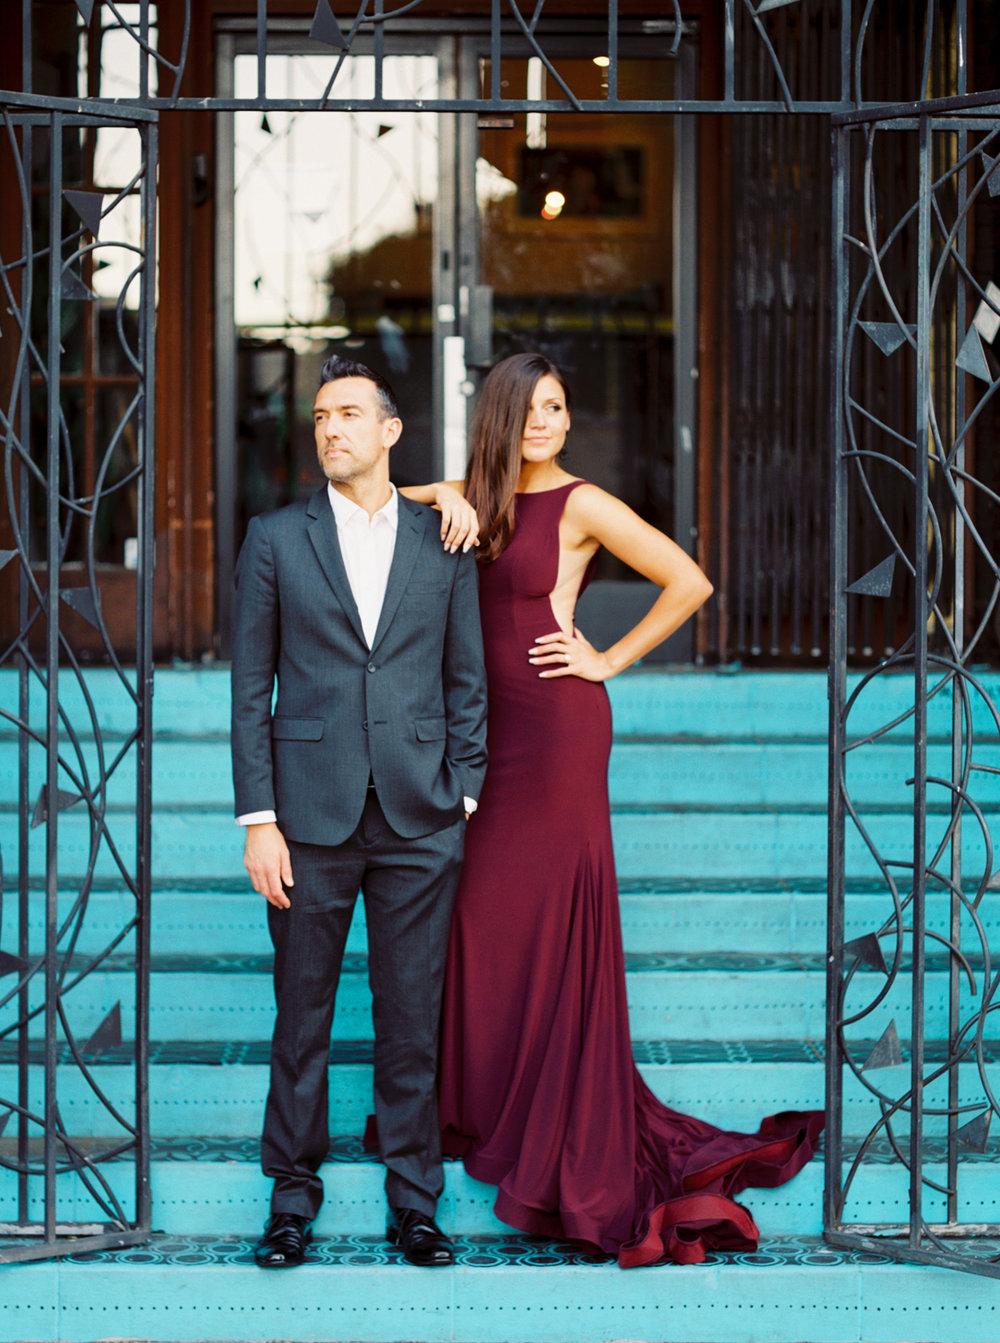 DennisRoyCoronelPhotography_ChantePaul_Engagement-75.jpg